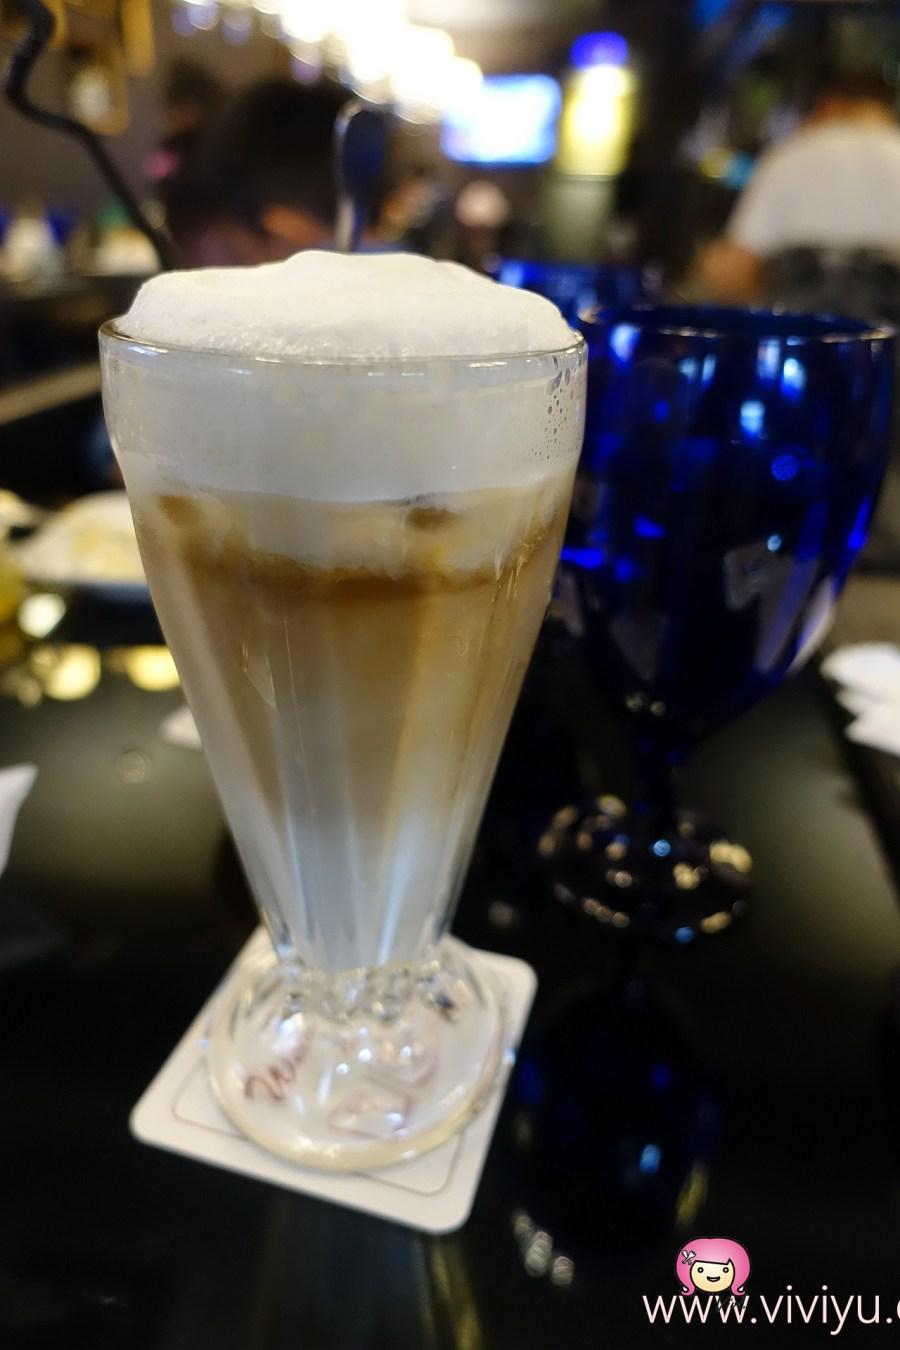 [桃園美食]上咖啡~重新裝潢後用餐空間更舒服❤品嘗超大份量宇治園宇治金時冰❤大人與小孩都超喜愛 @VIVIYU小世界